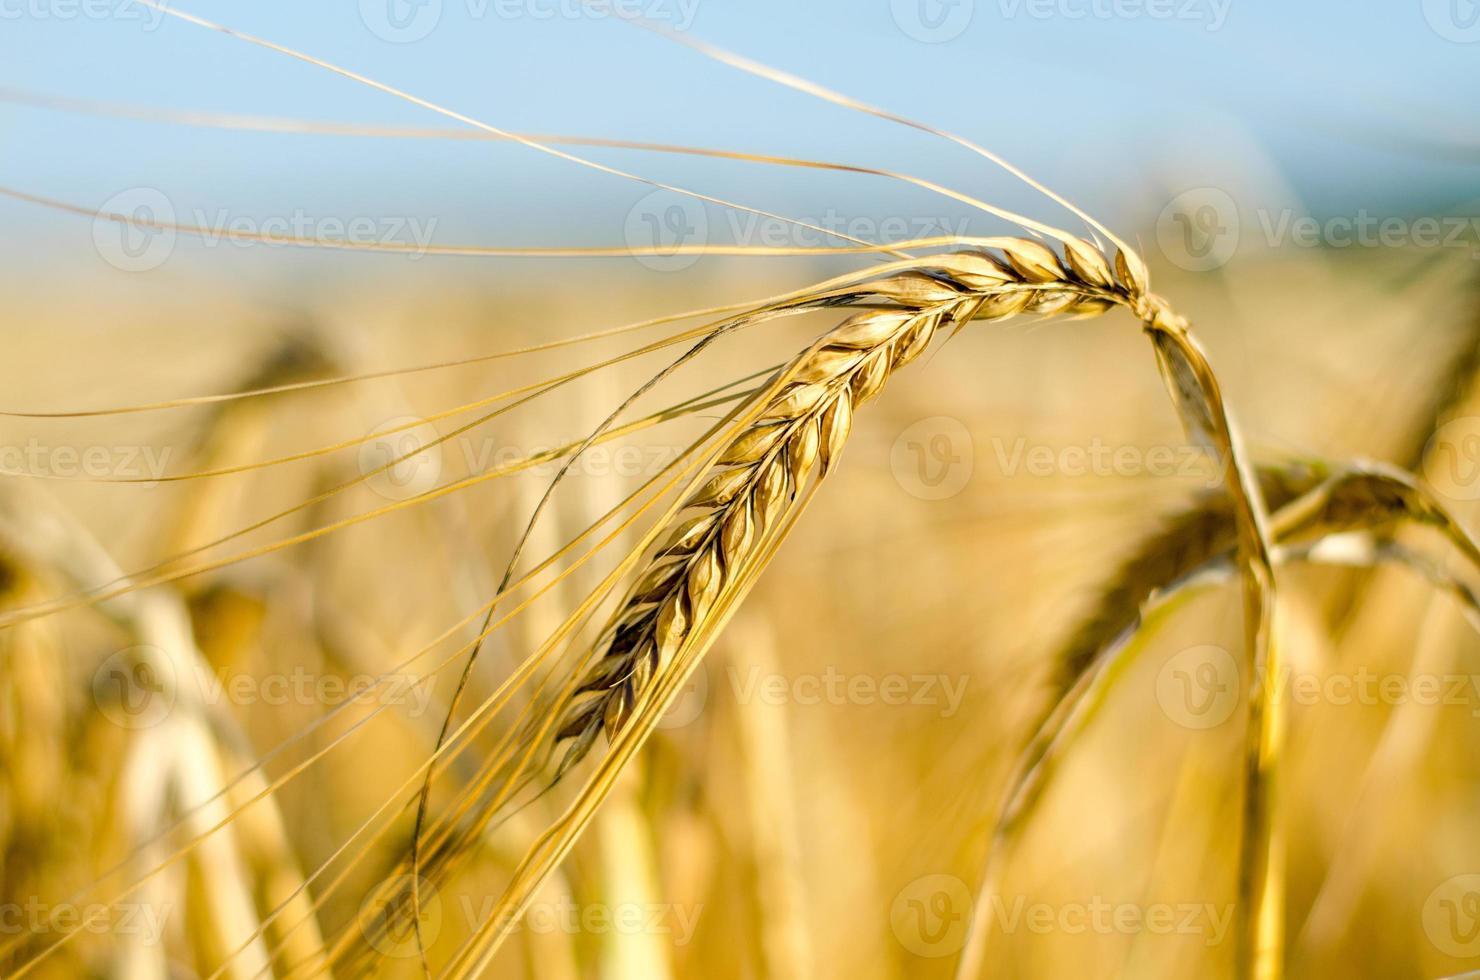 champ de maïs - maïs en croissance photo